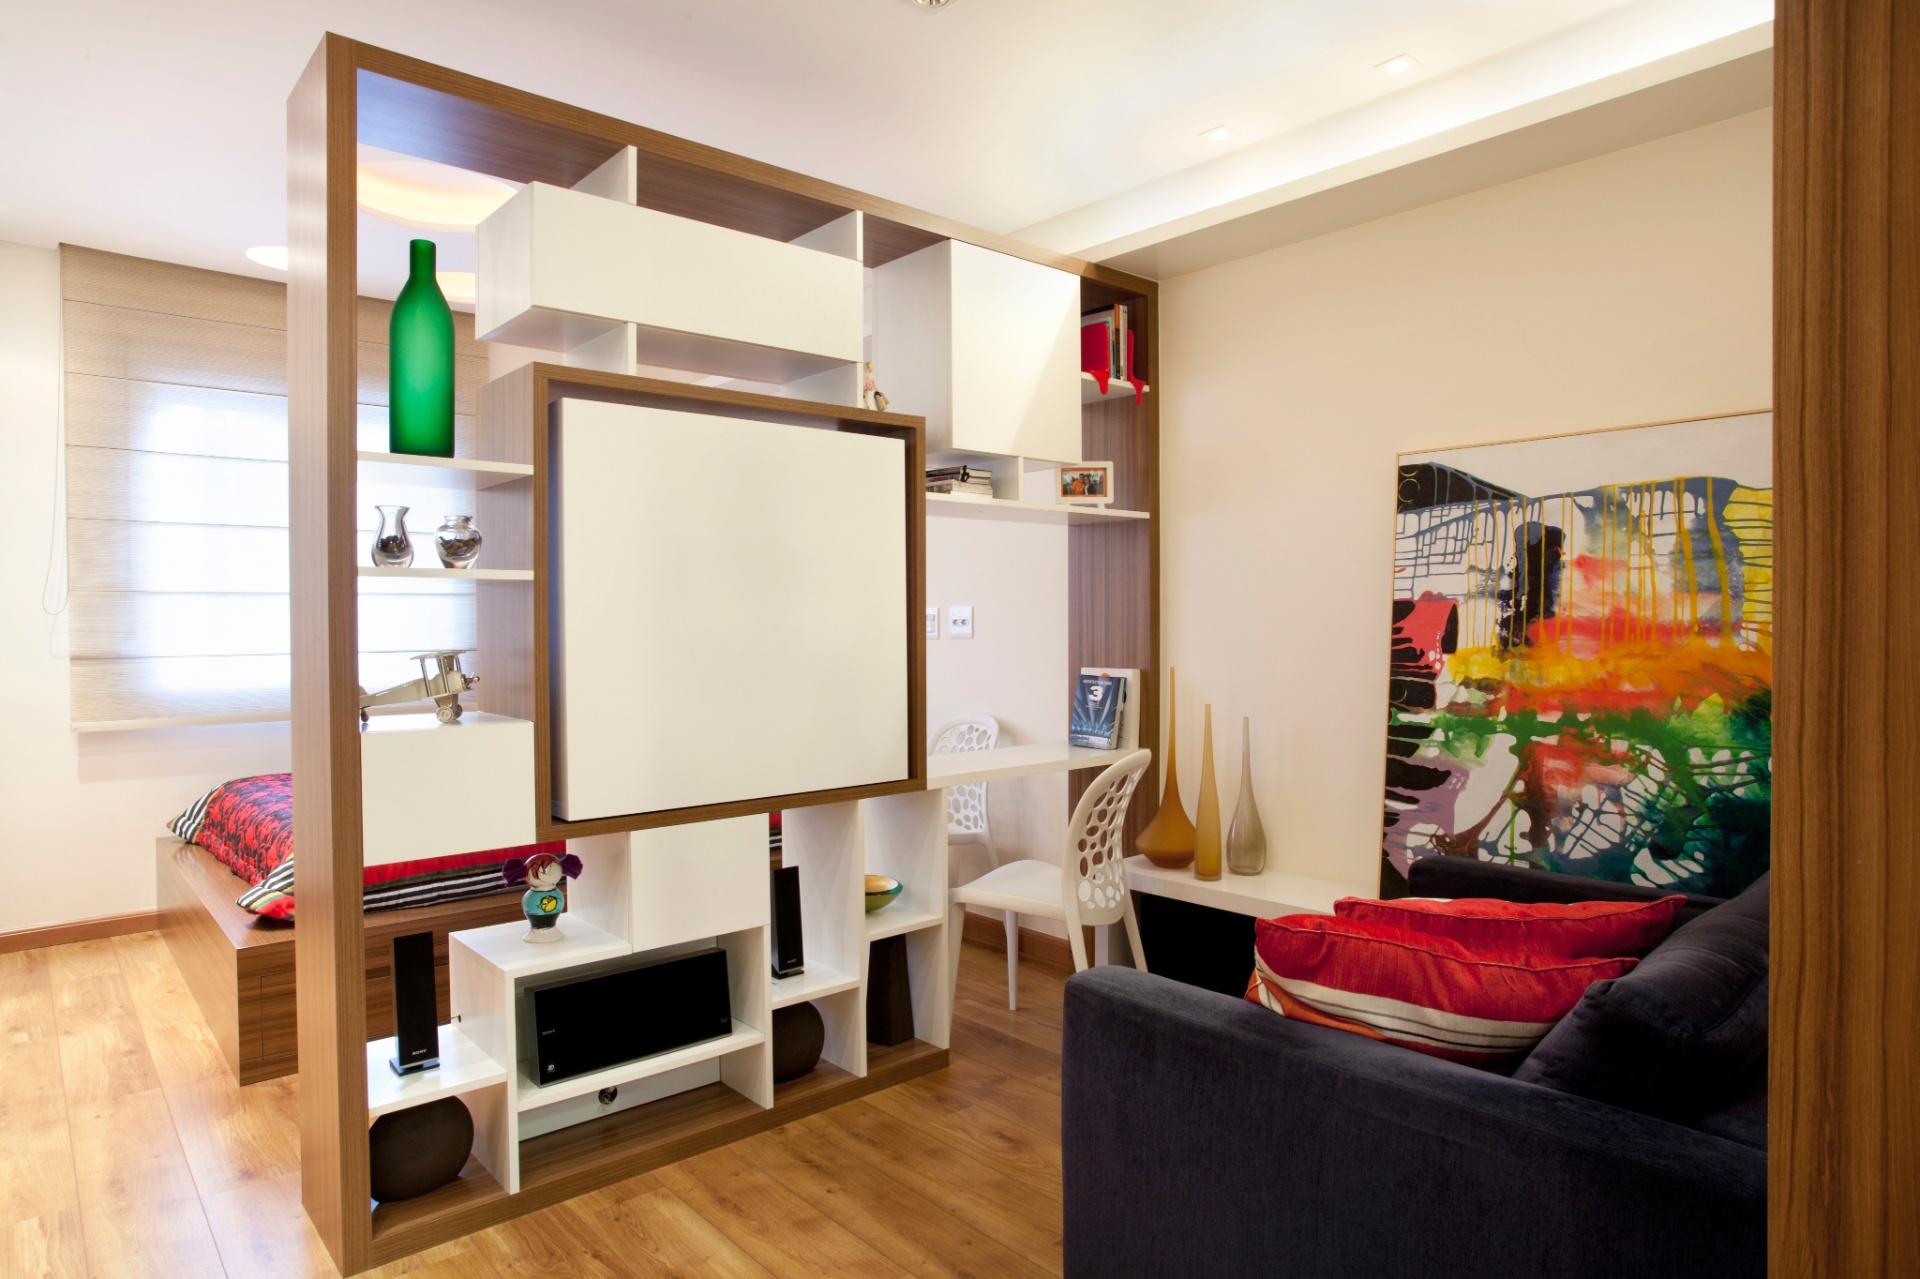 Por ter compartimento pivotante (rotatório) para TV, o eletrodoméstico pode ser utilizado tanto na sala, quanto no quarto. A prateleira suspensa (à dir. bem acima), em MDF laqueado branco, para disposição de livros se estende desde o dormitório (atrás da estante divisória). O sofá, na verdade, é uma namoradeira de veludo azul (Artefato), de tamanho menor e encaixe ideal no espaço reduzido. O projeto de interiores é de Adriana Fontana